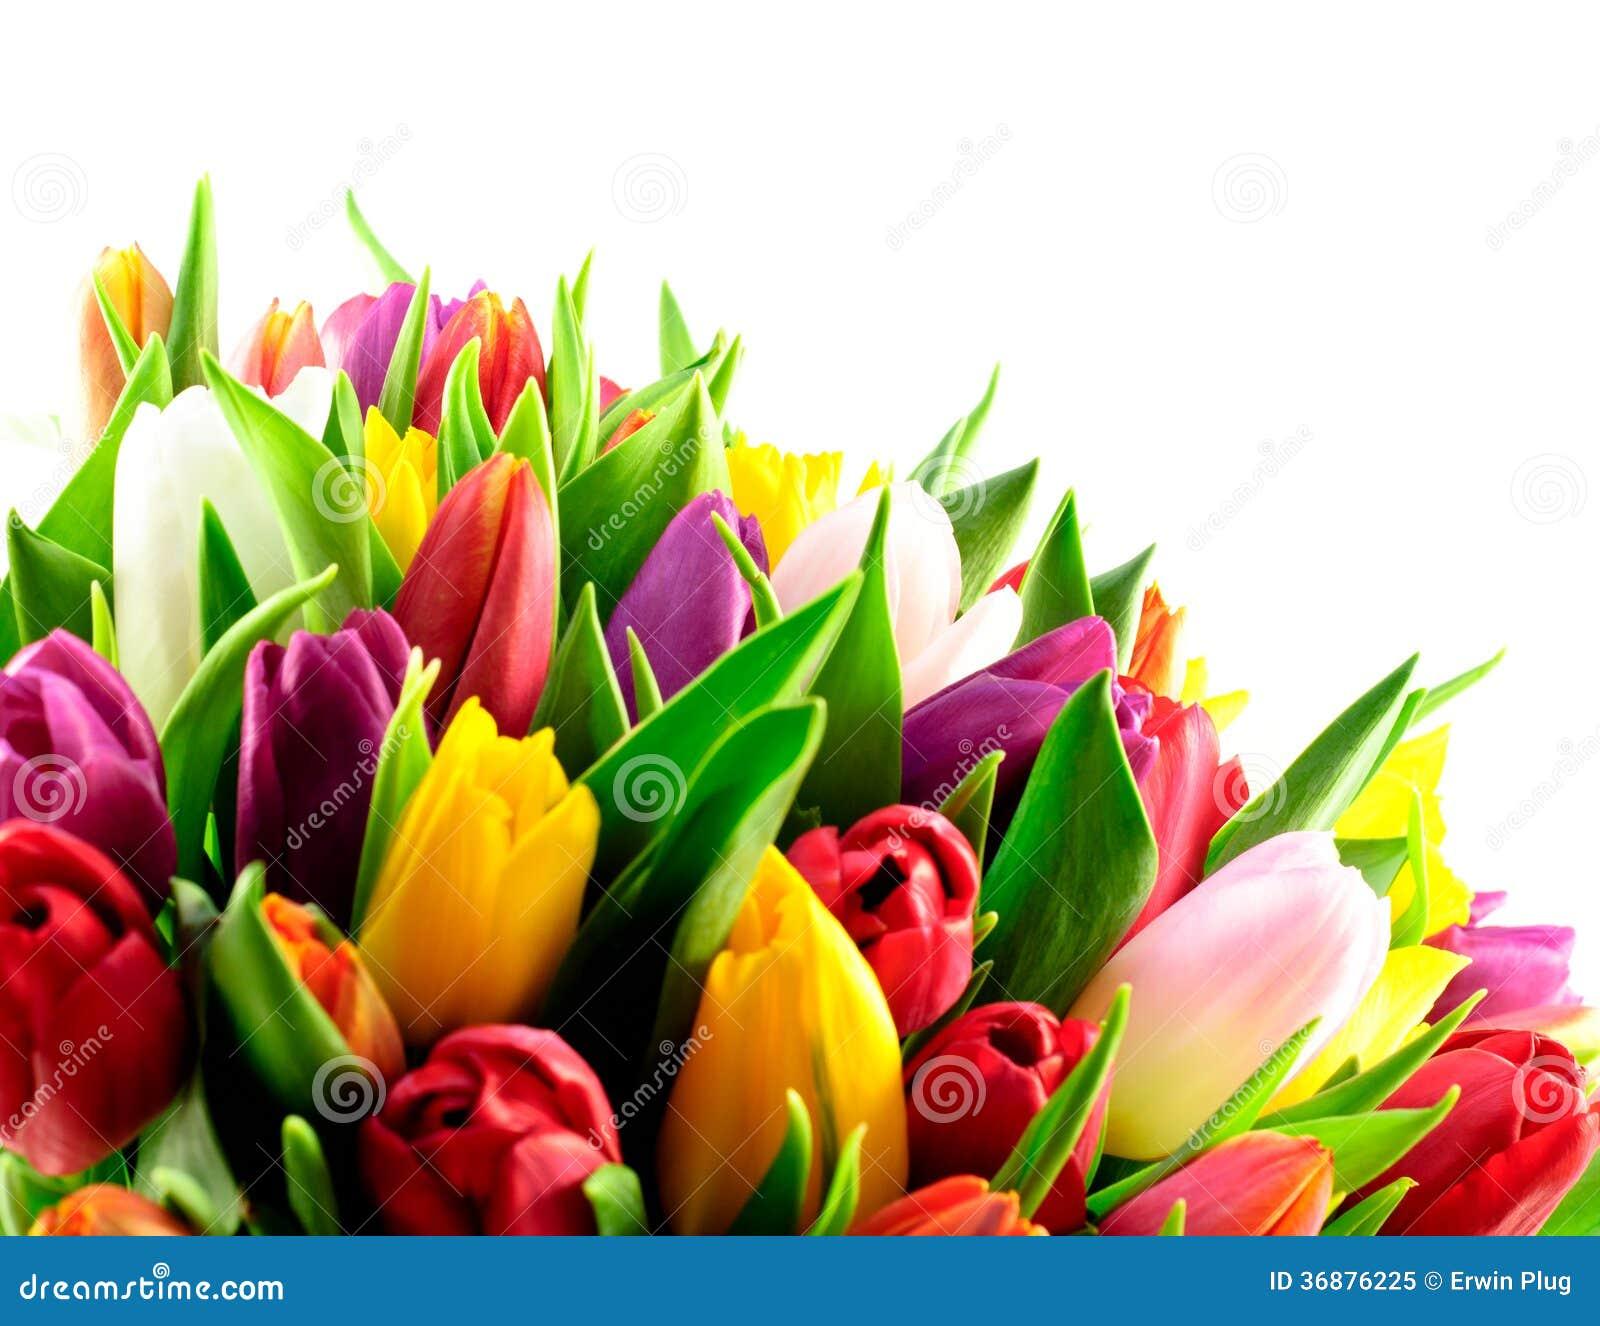 Download Fondo Misto Di Bianco Del Fondo Del Mazzo Dell'arcobaleno Dei Tulipani Immagine Stock - Immagine di mixed, germogli: 36876225